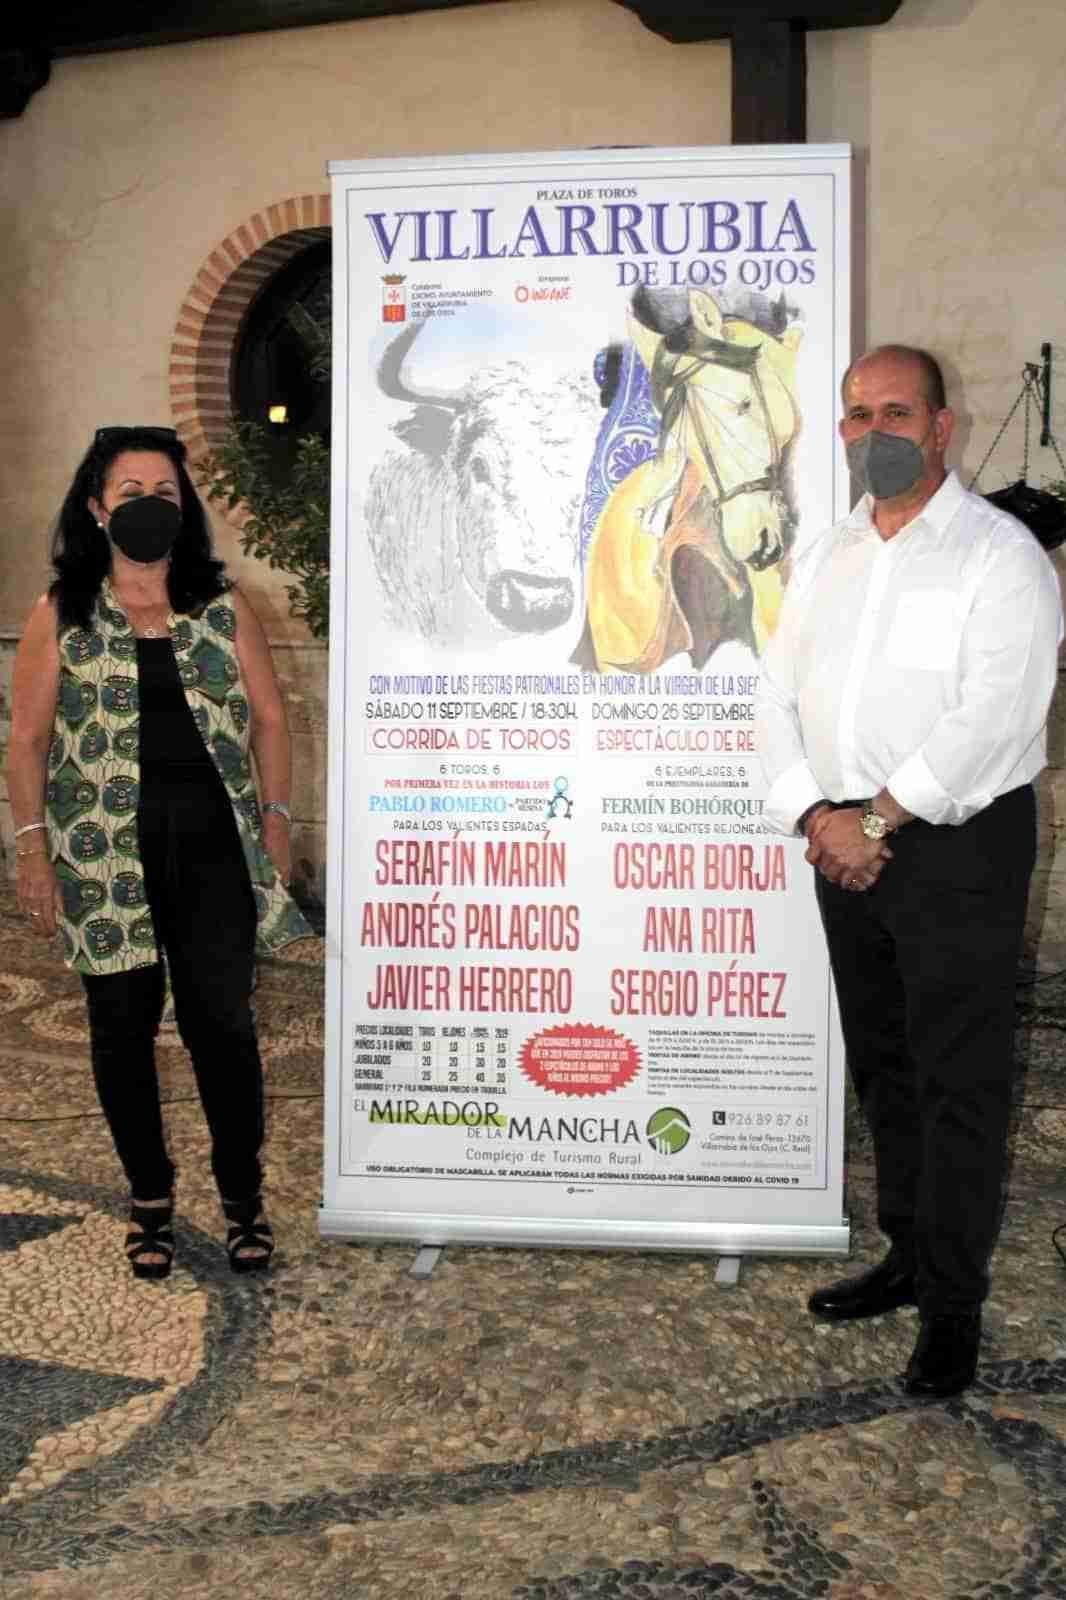 Corrida de Toros en Villarrubia de los Ojos el sábado 11 de septiembre y Espectáculo de Rejones el día 26 3